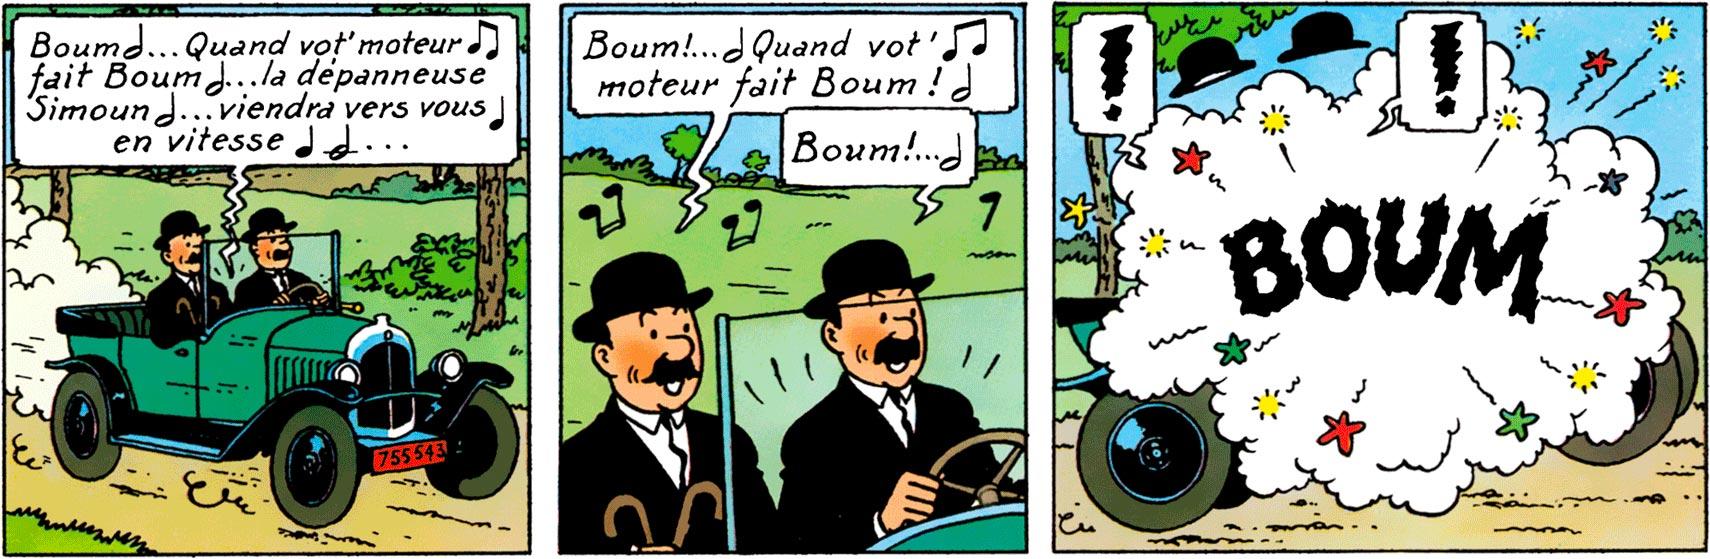 Dupondt - Tintin au pays de l'Or noir